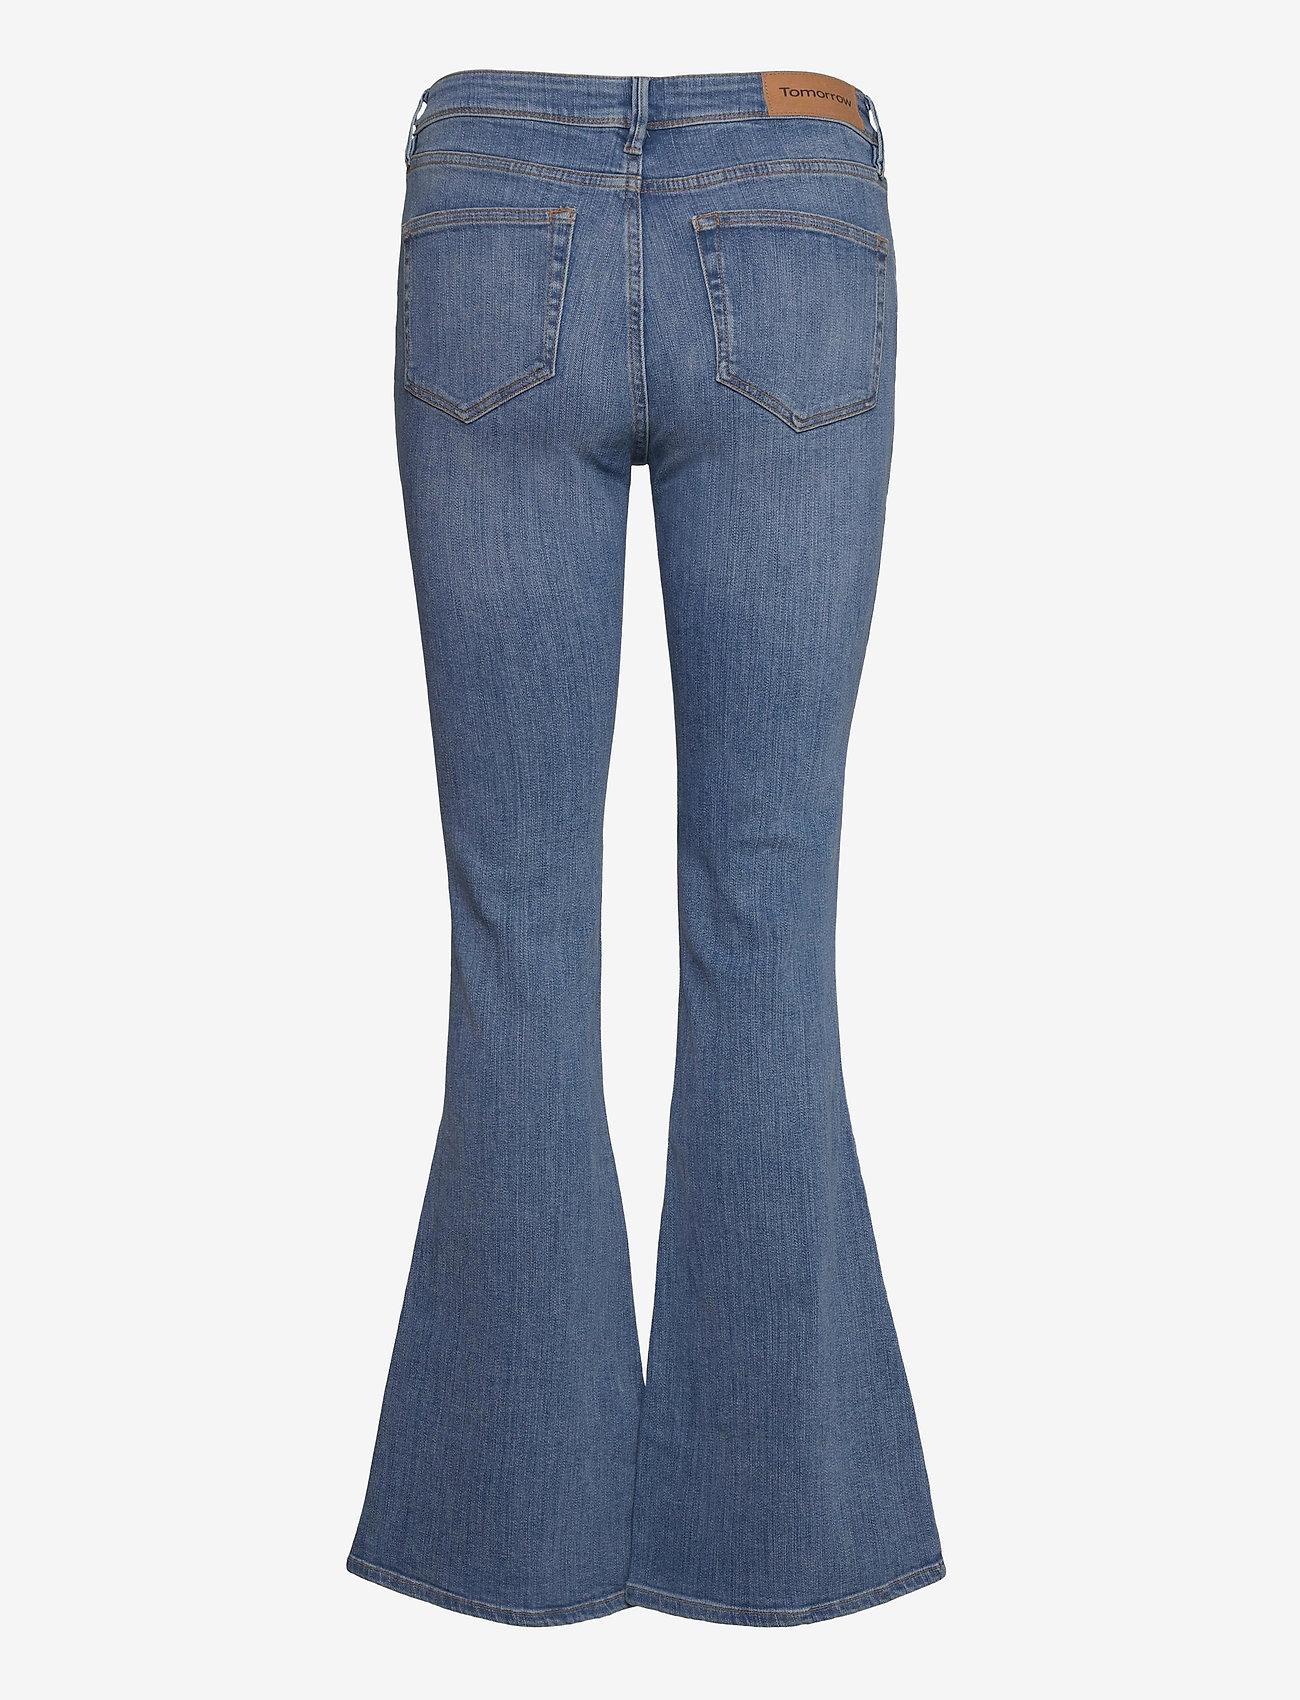 Tomorrow - Albert flare jeans wash bright Sint - schlaghosen - denim blue - 1